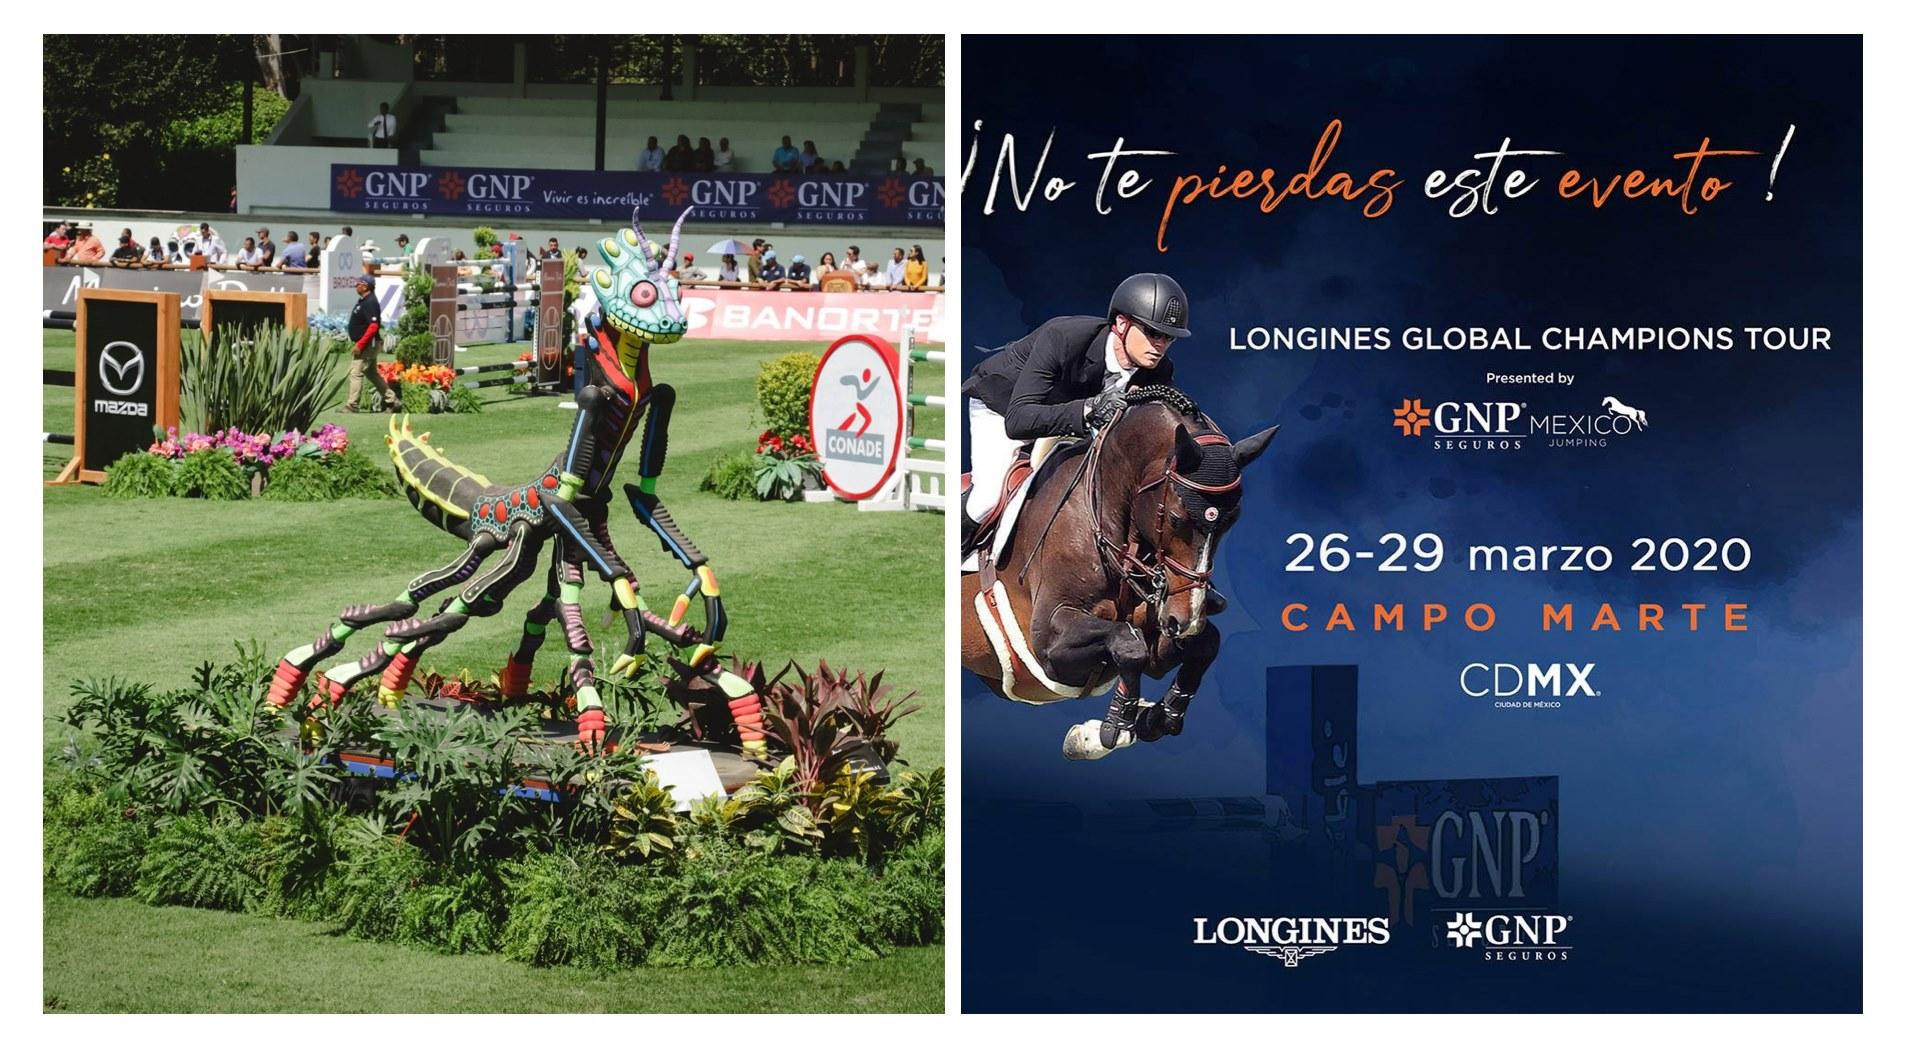 Longines Global Champions Tour Mexicoo 2020- Presentado por GNP Mexico Jumping-todo lo que tienes que saber